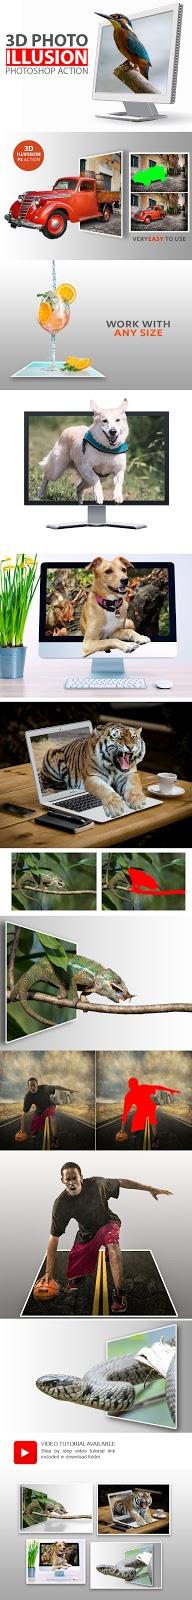 تحميل الأكشن المدهش لإخراج عنصر عن إطار الصورة - 3D Photo Illusion Photoshop Action